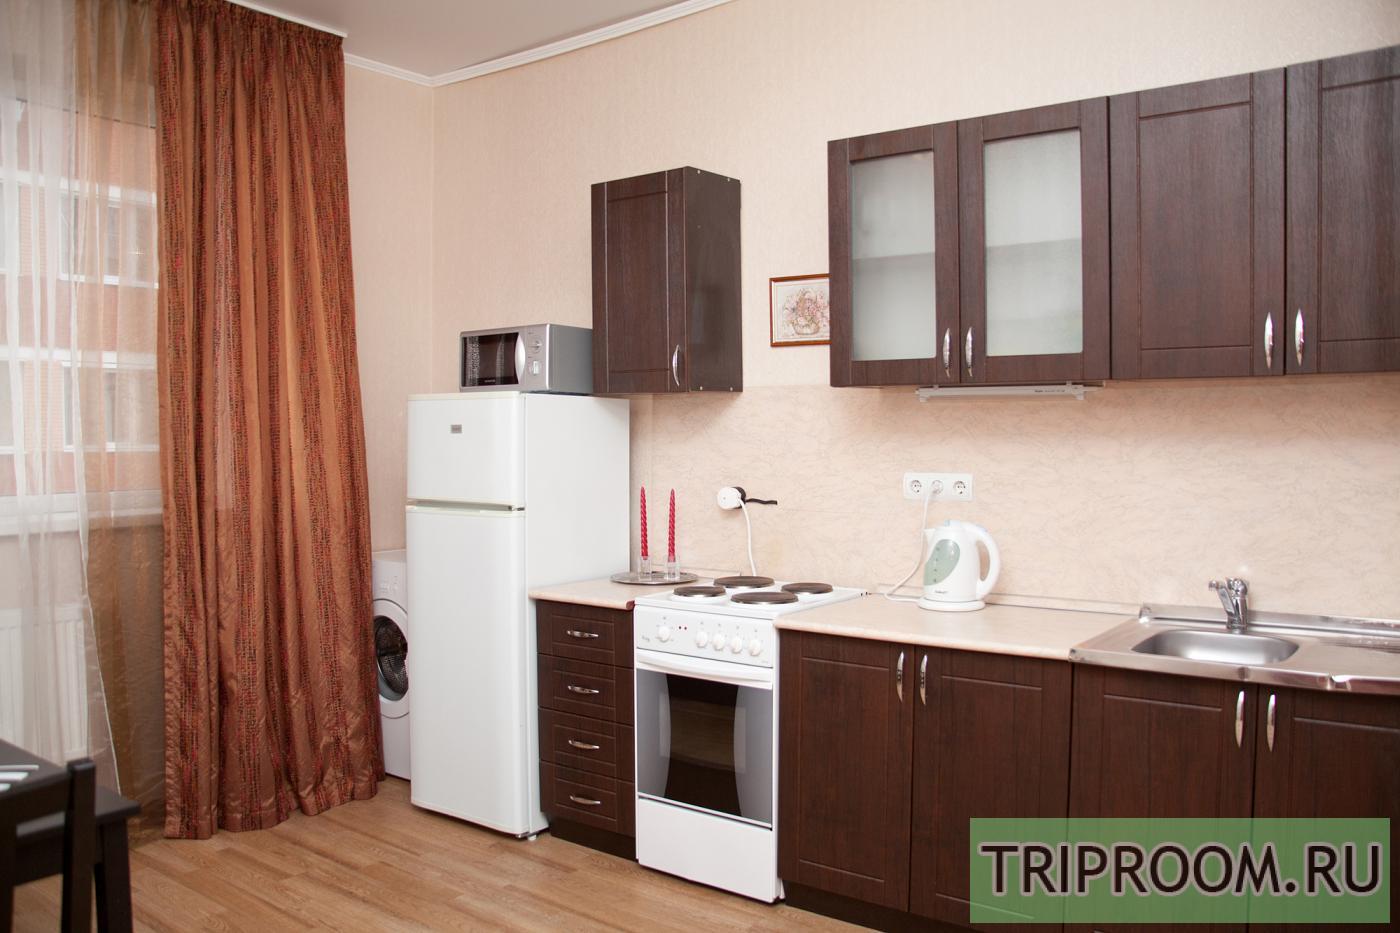 1-комнатная квартира посуточно (вариант № 7417), ул. Прмышленная улица, фото № 12